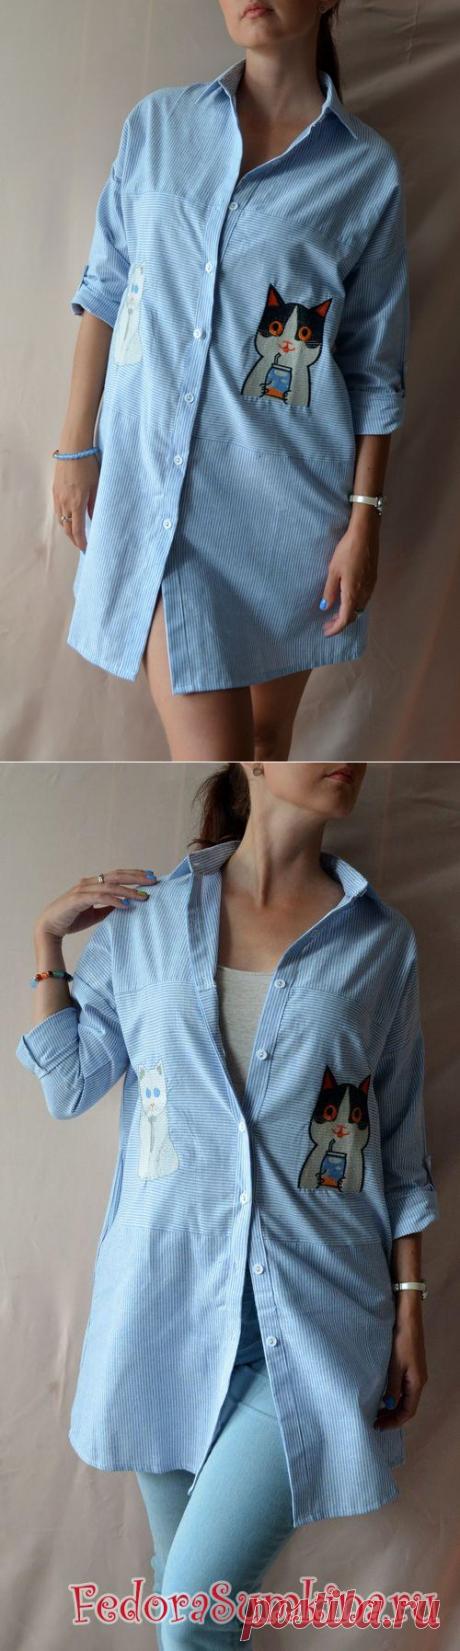 Платье-рубашка с котами из льна